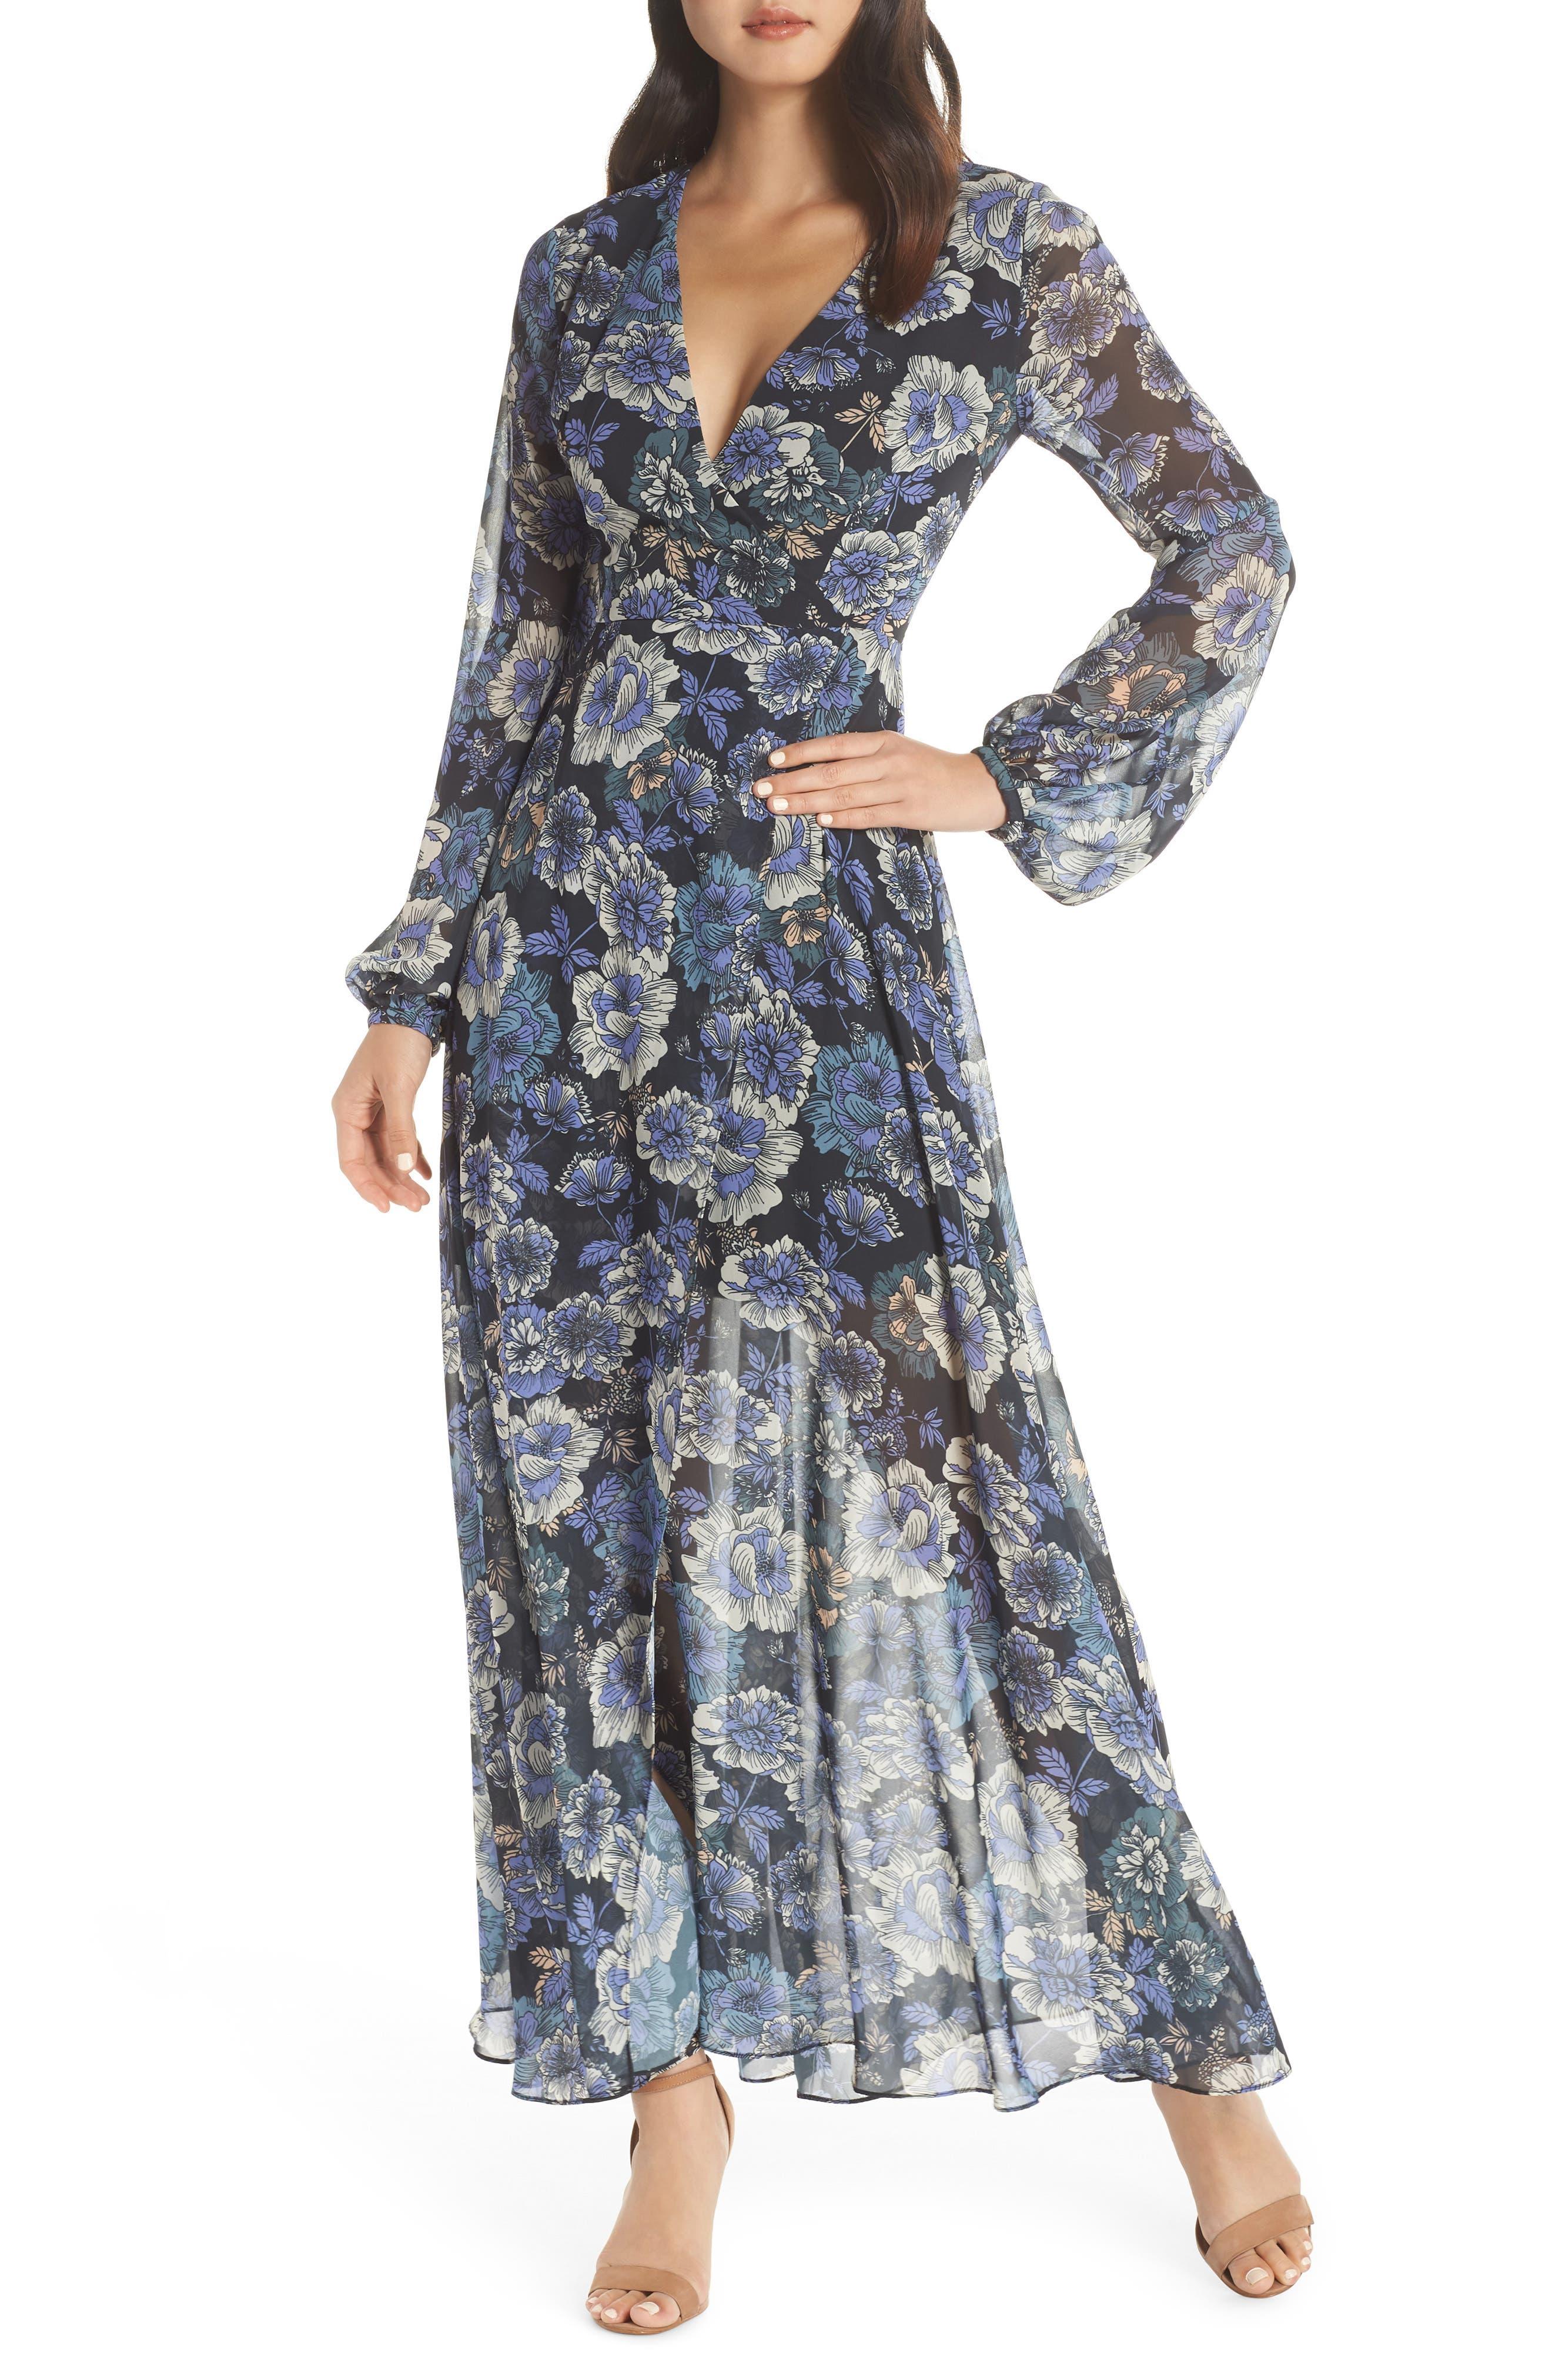 COOPER ST Floral Fantasy Maxi Dress, Main, color, PRINT